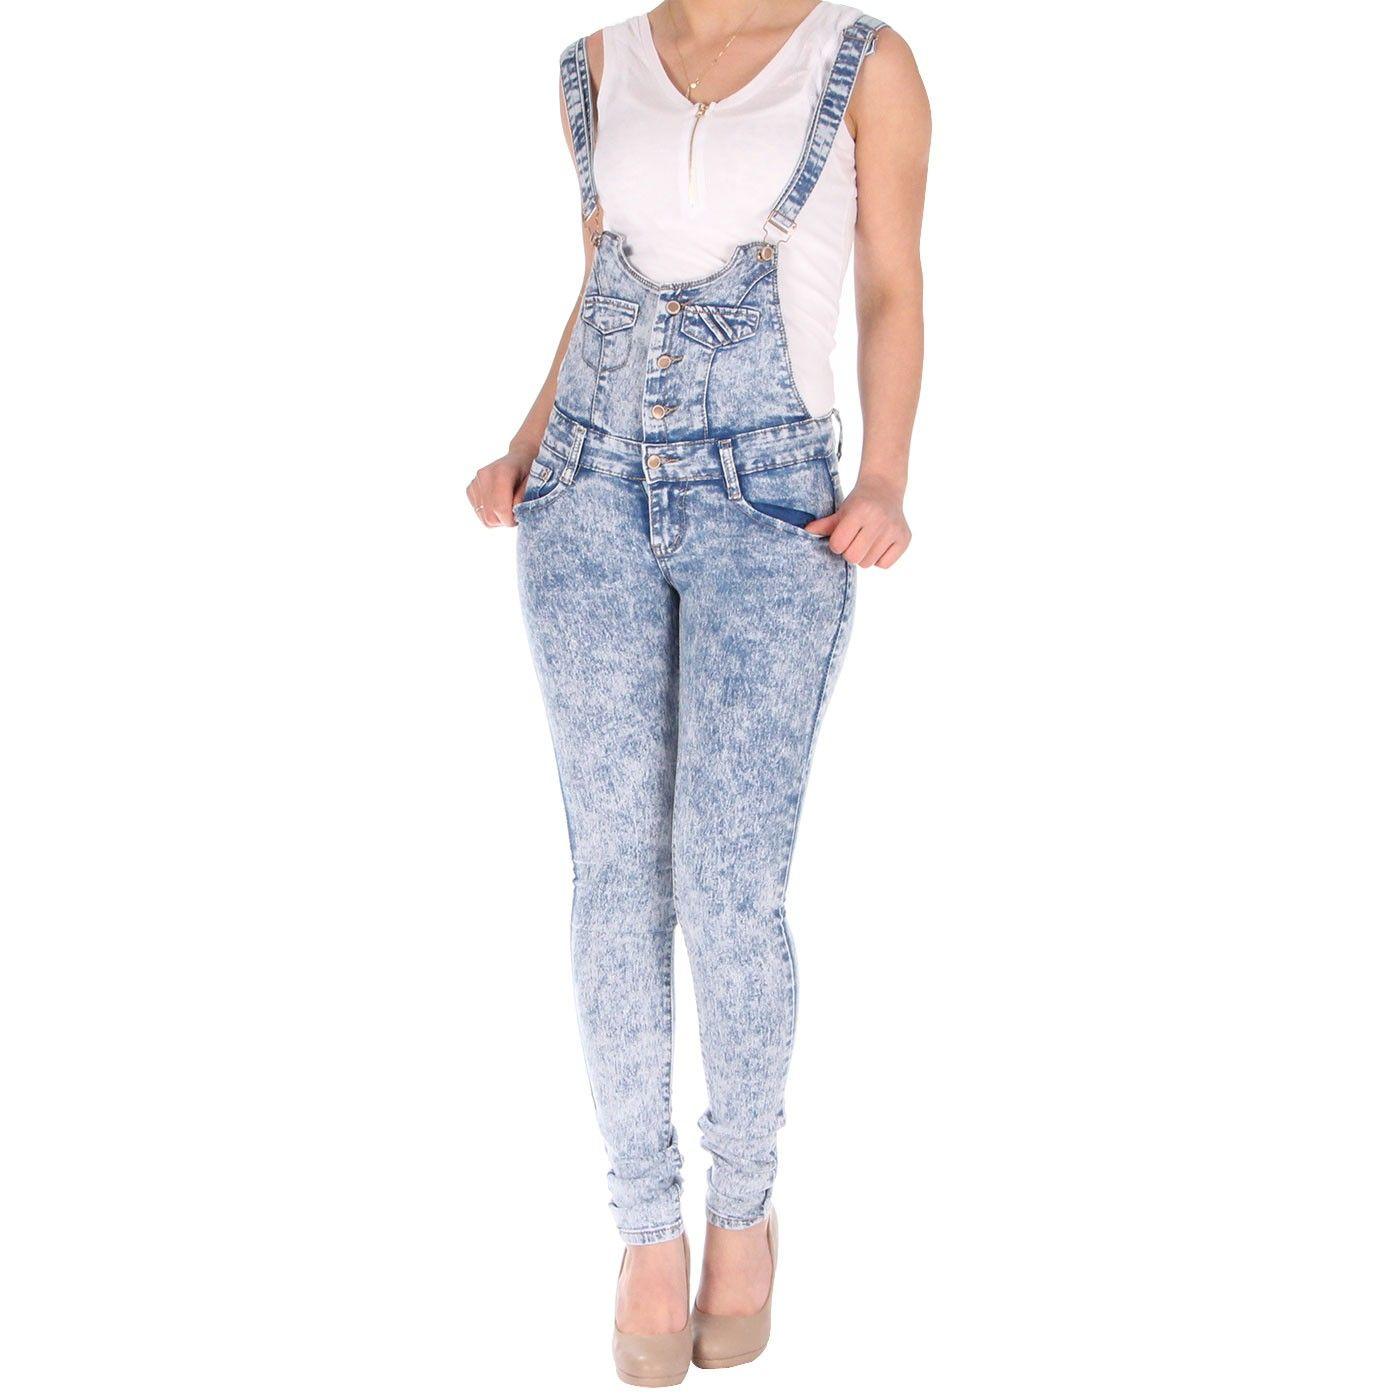 Salopette en jeans, bleu délavé à 26,99€ sur http://www.milyshop.com